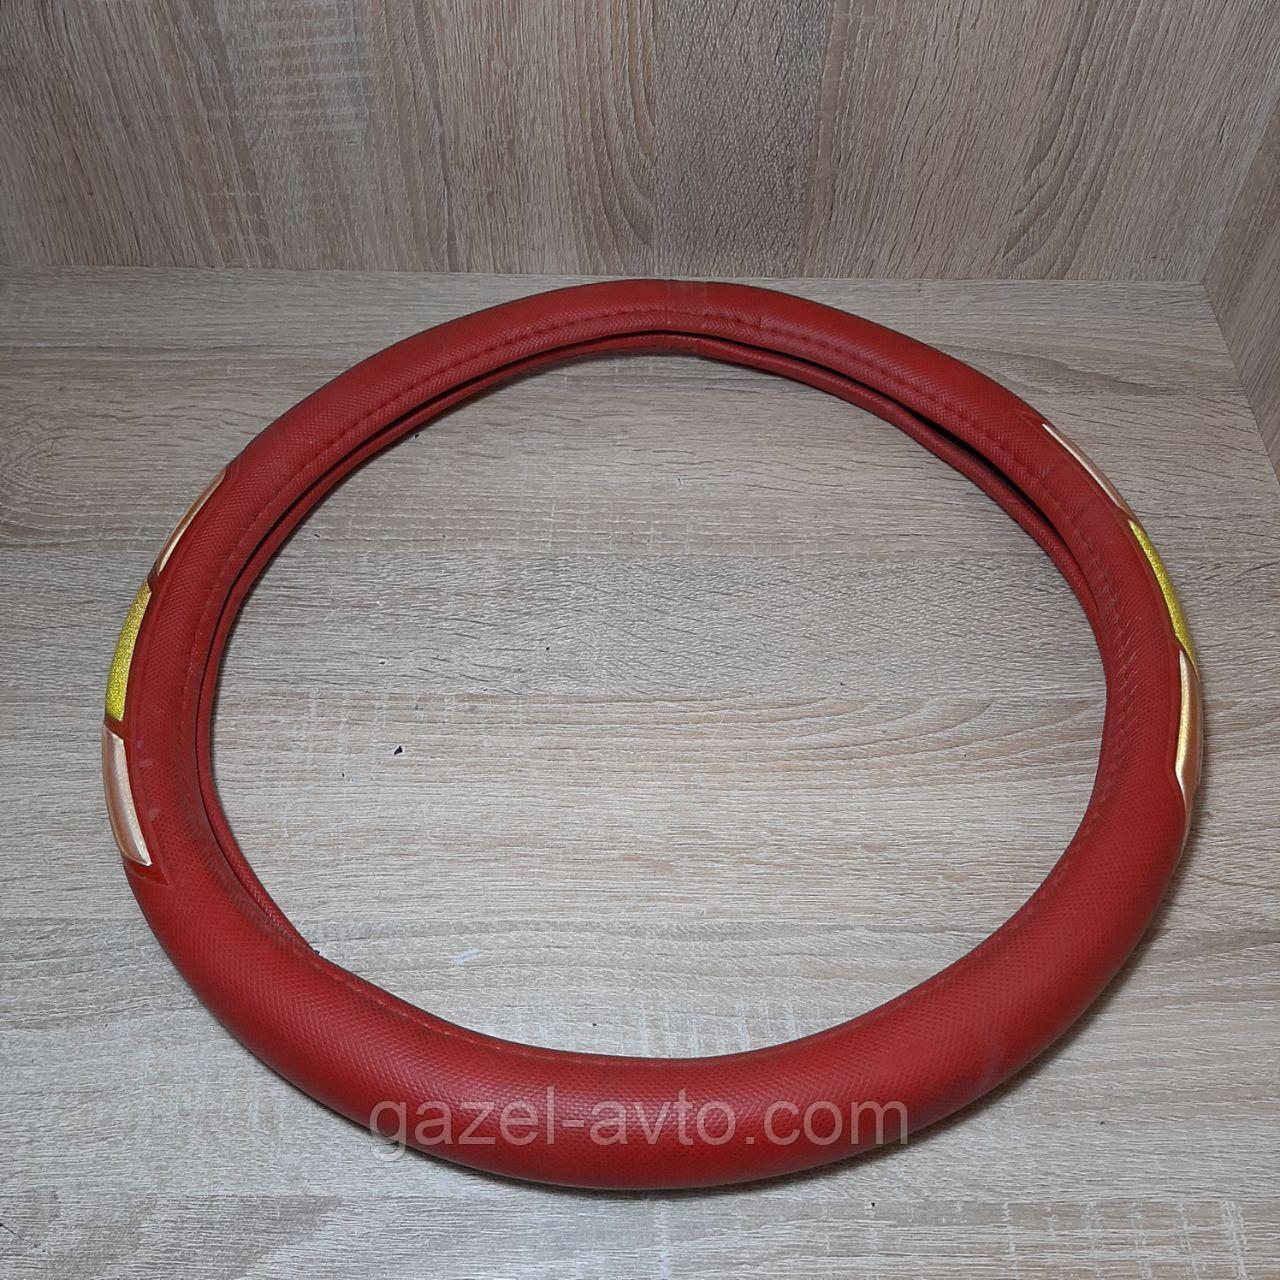 Чехол на руль (оплетка,кожух) Газель Соболь Рута L= 39-41 красный (пр-во Польша)